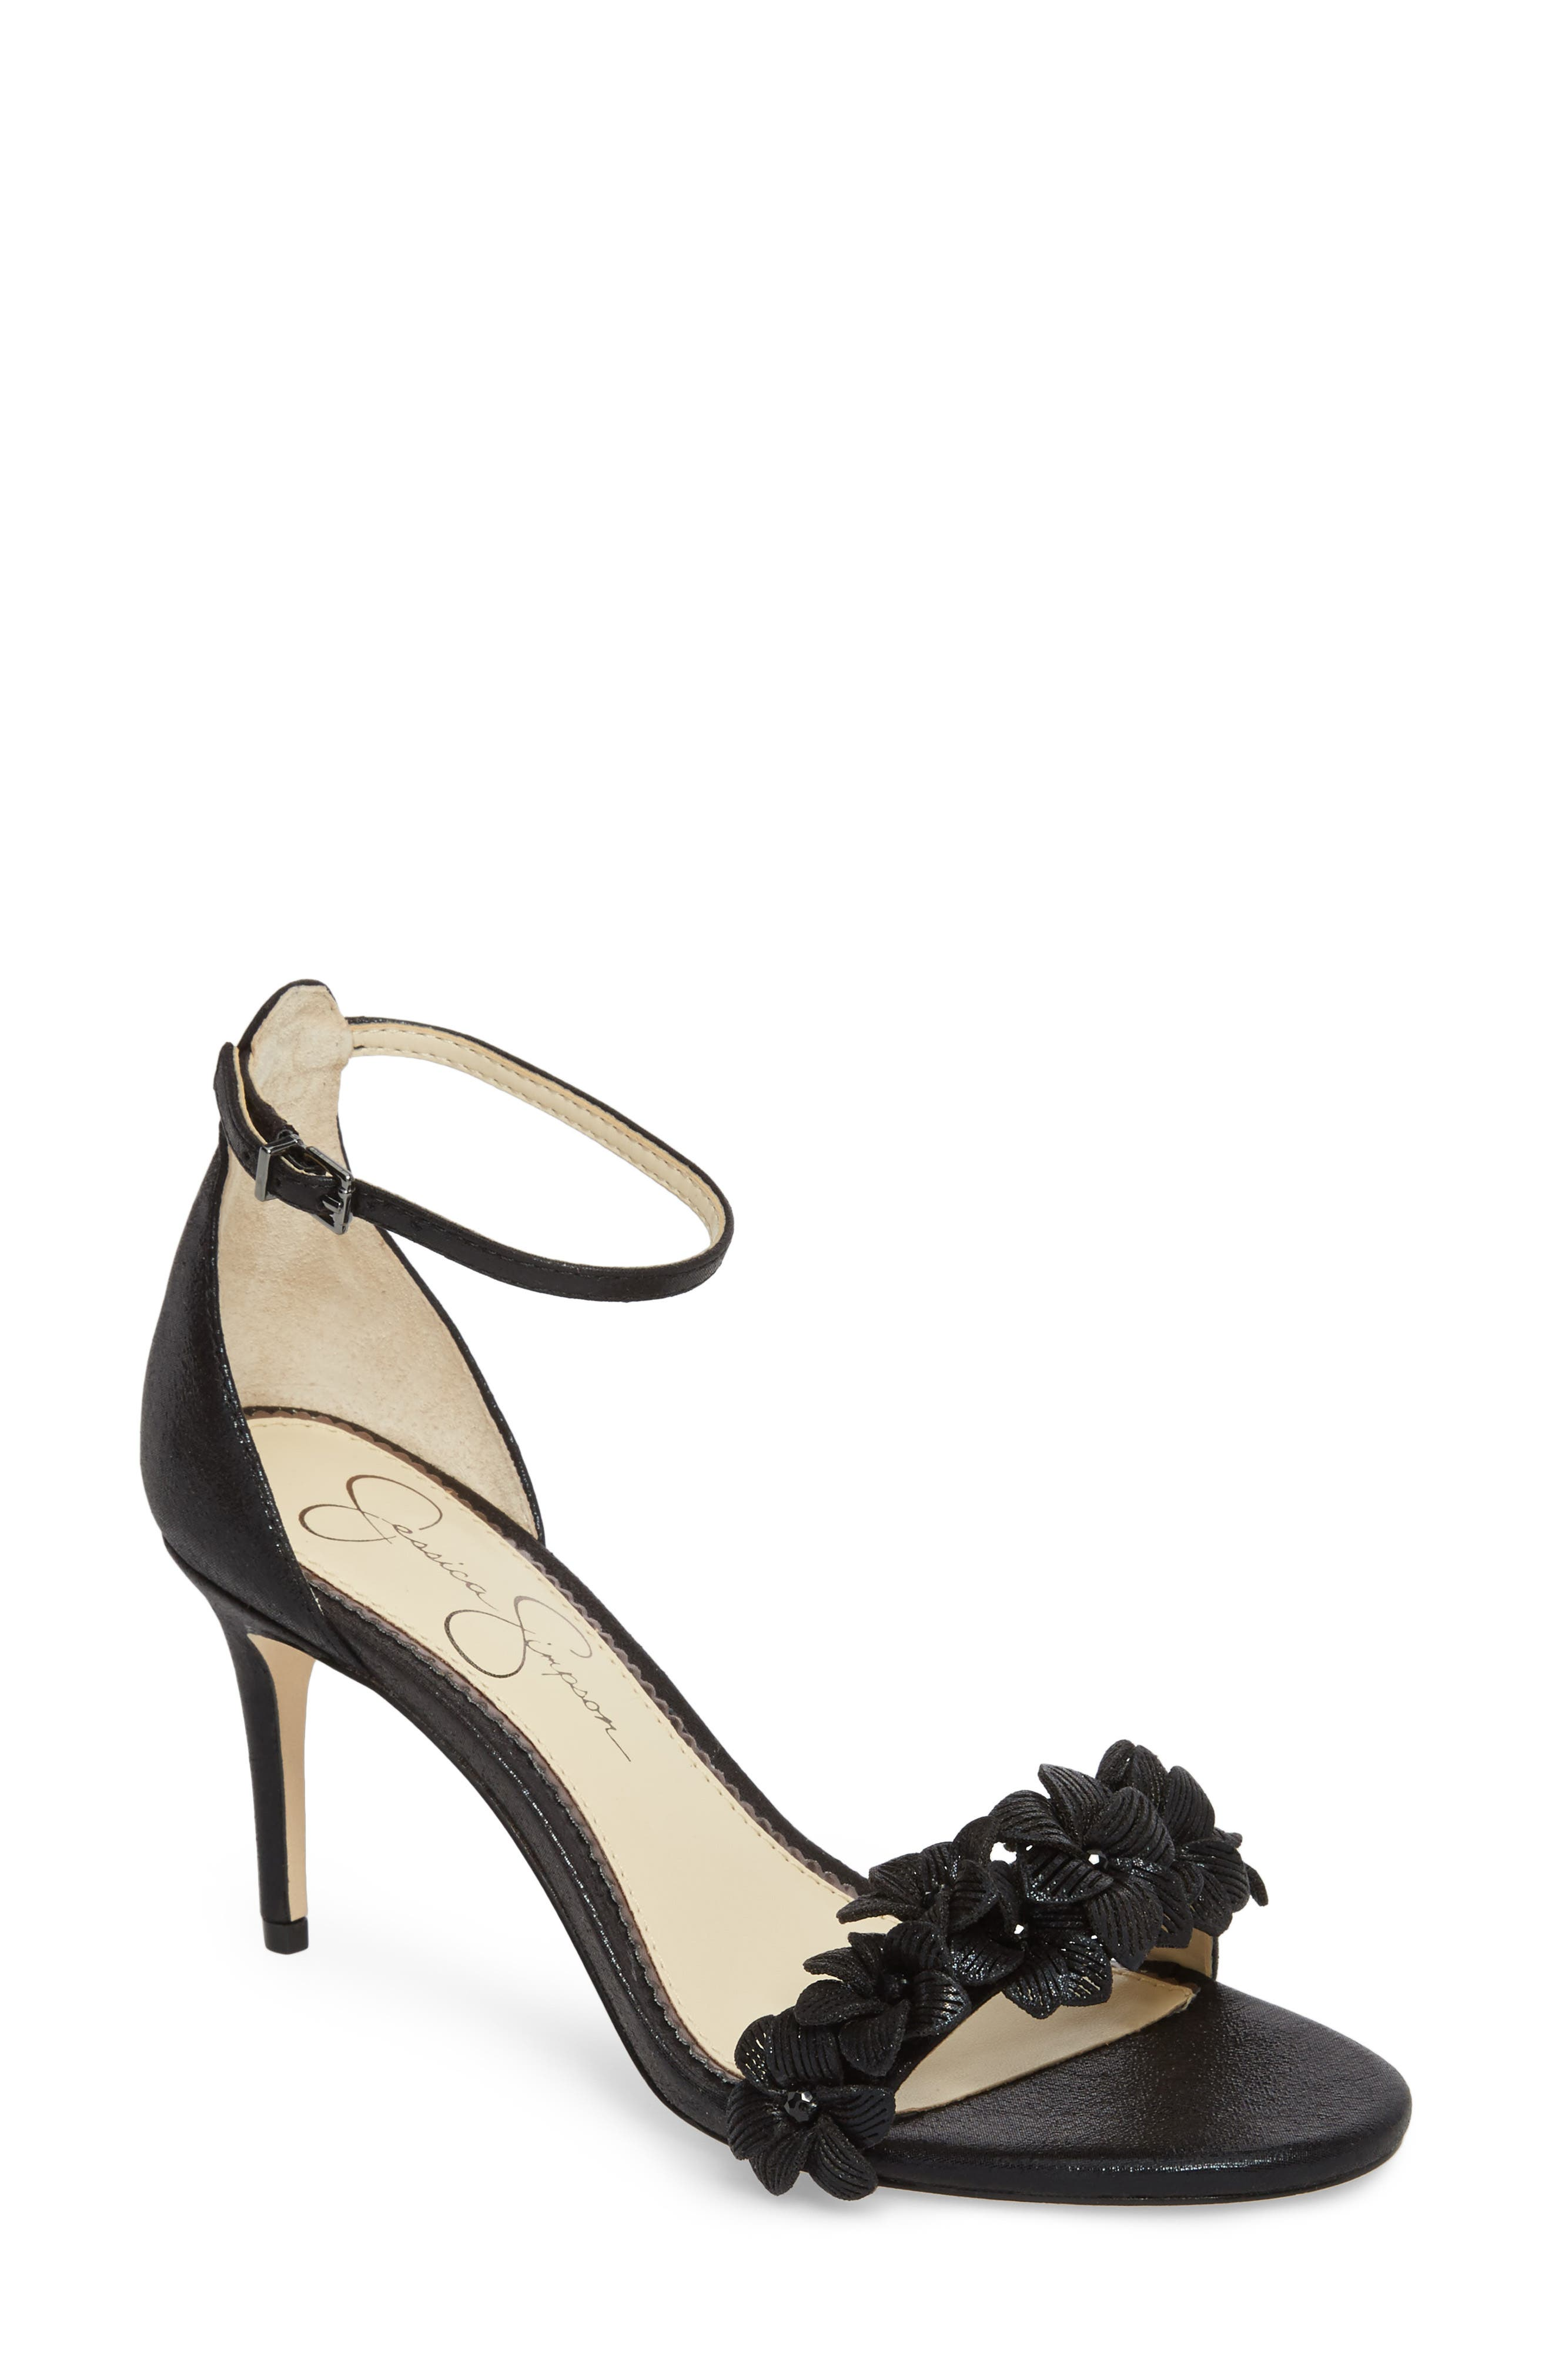 Pouline Sandal,                         Main,                         color, Black Fabric